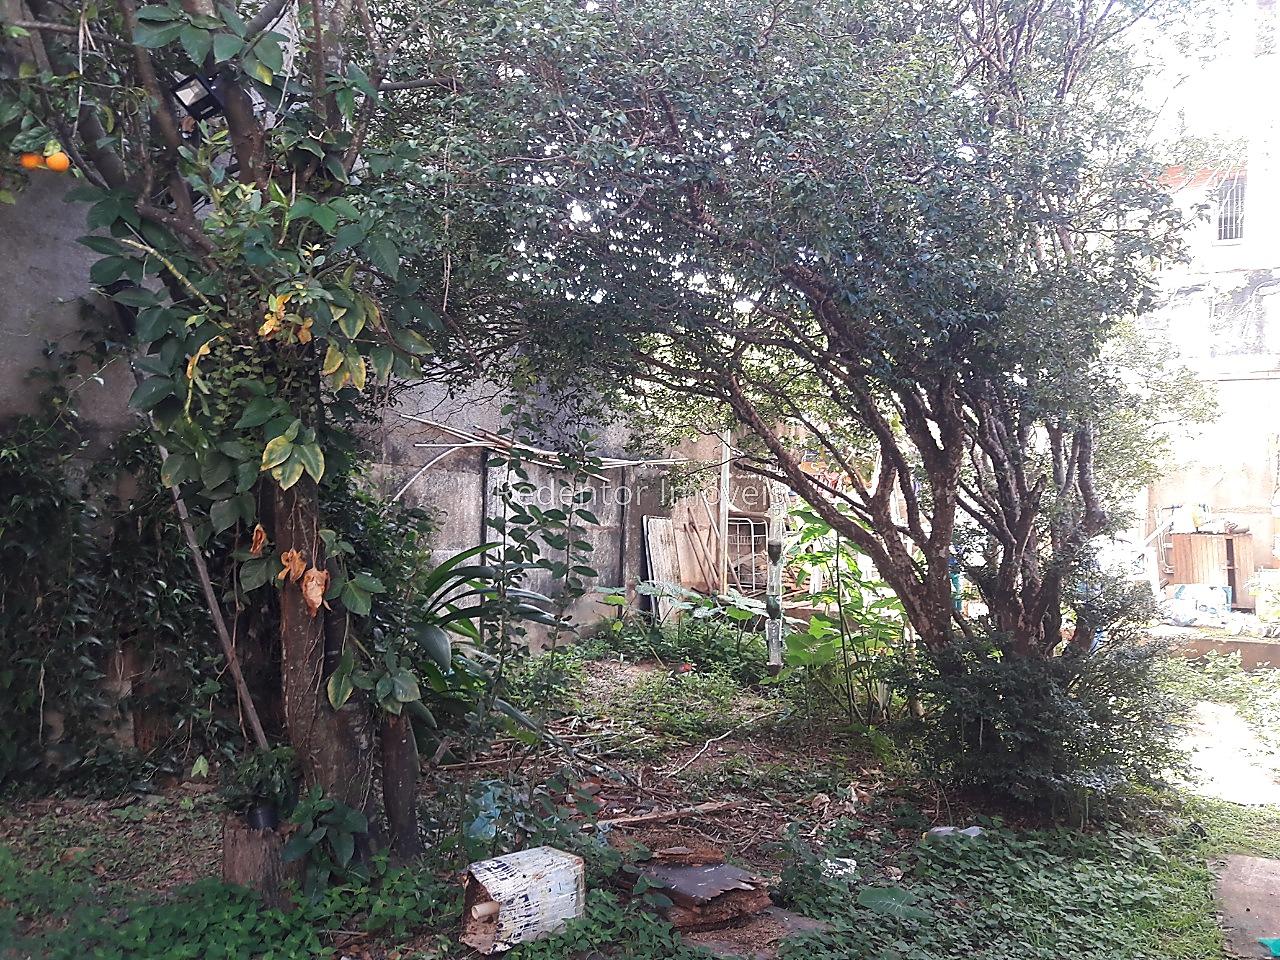 Casa à venda em Santa Teresa, Juiz de Fora - MG - Foto 29